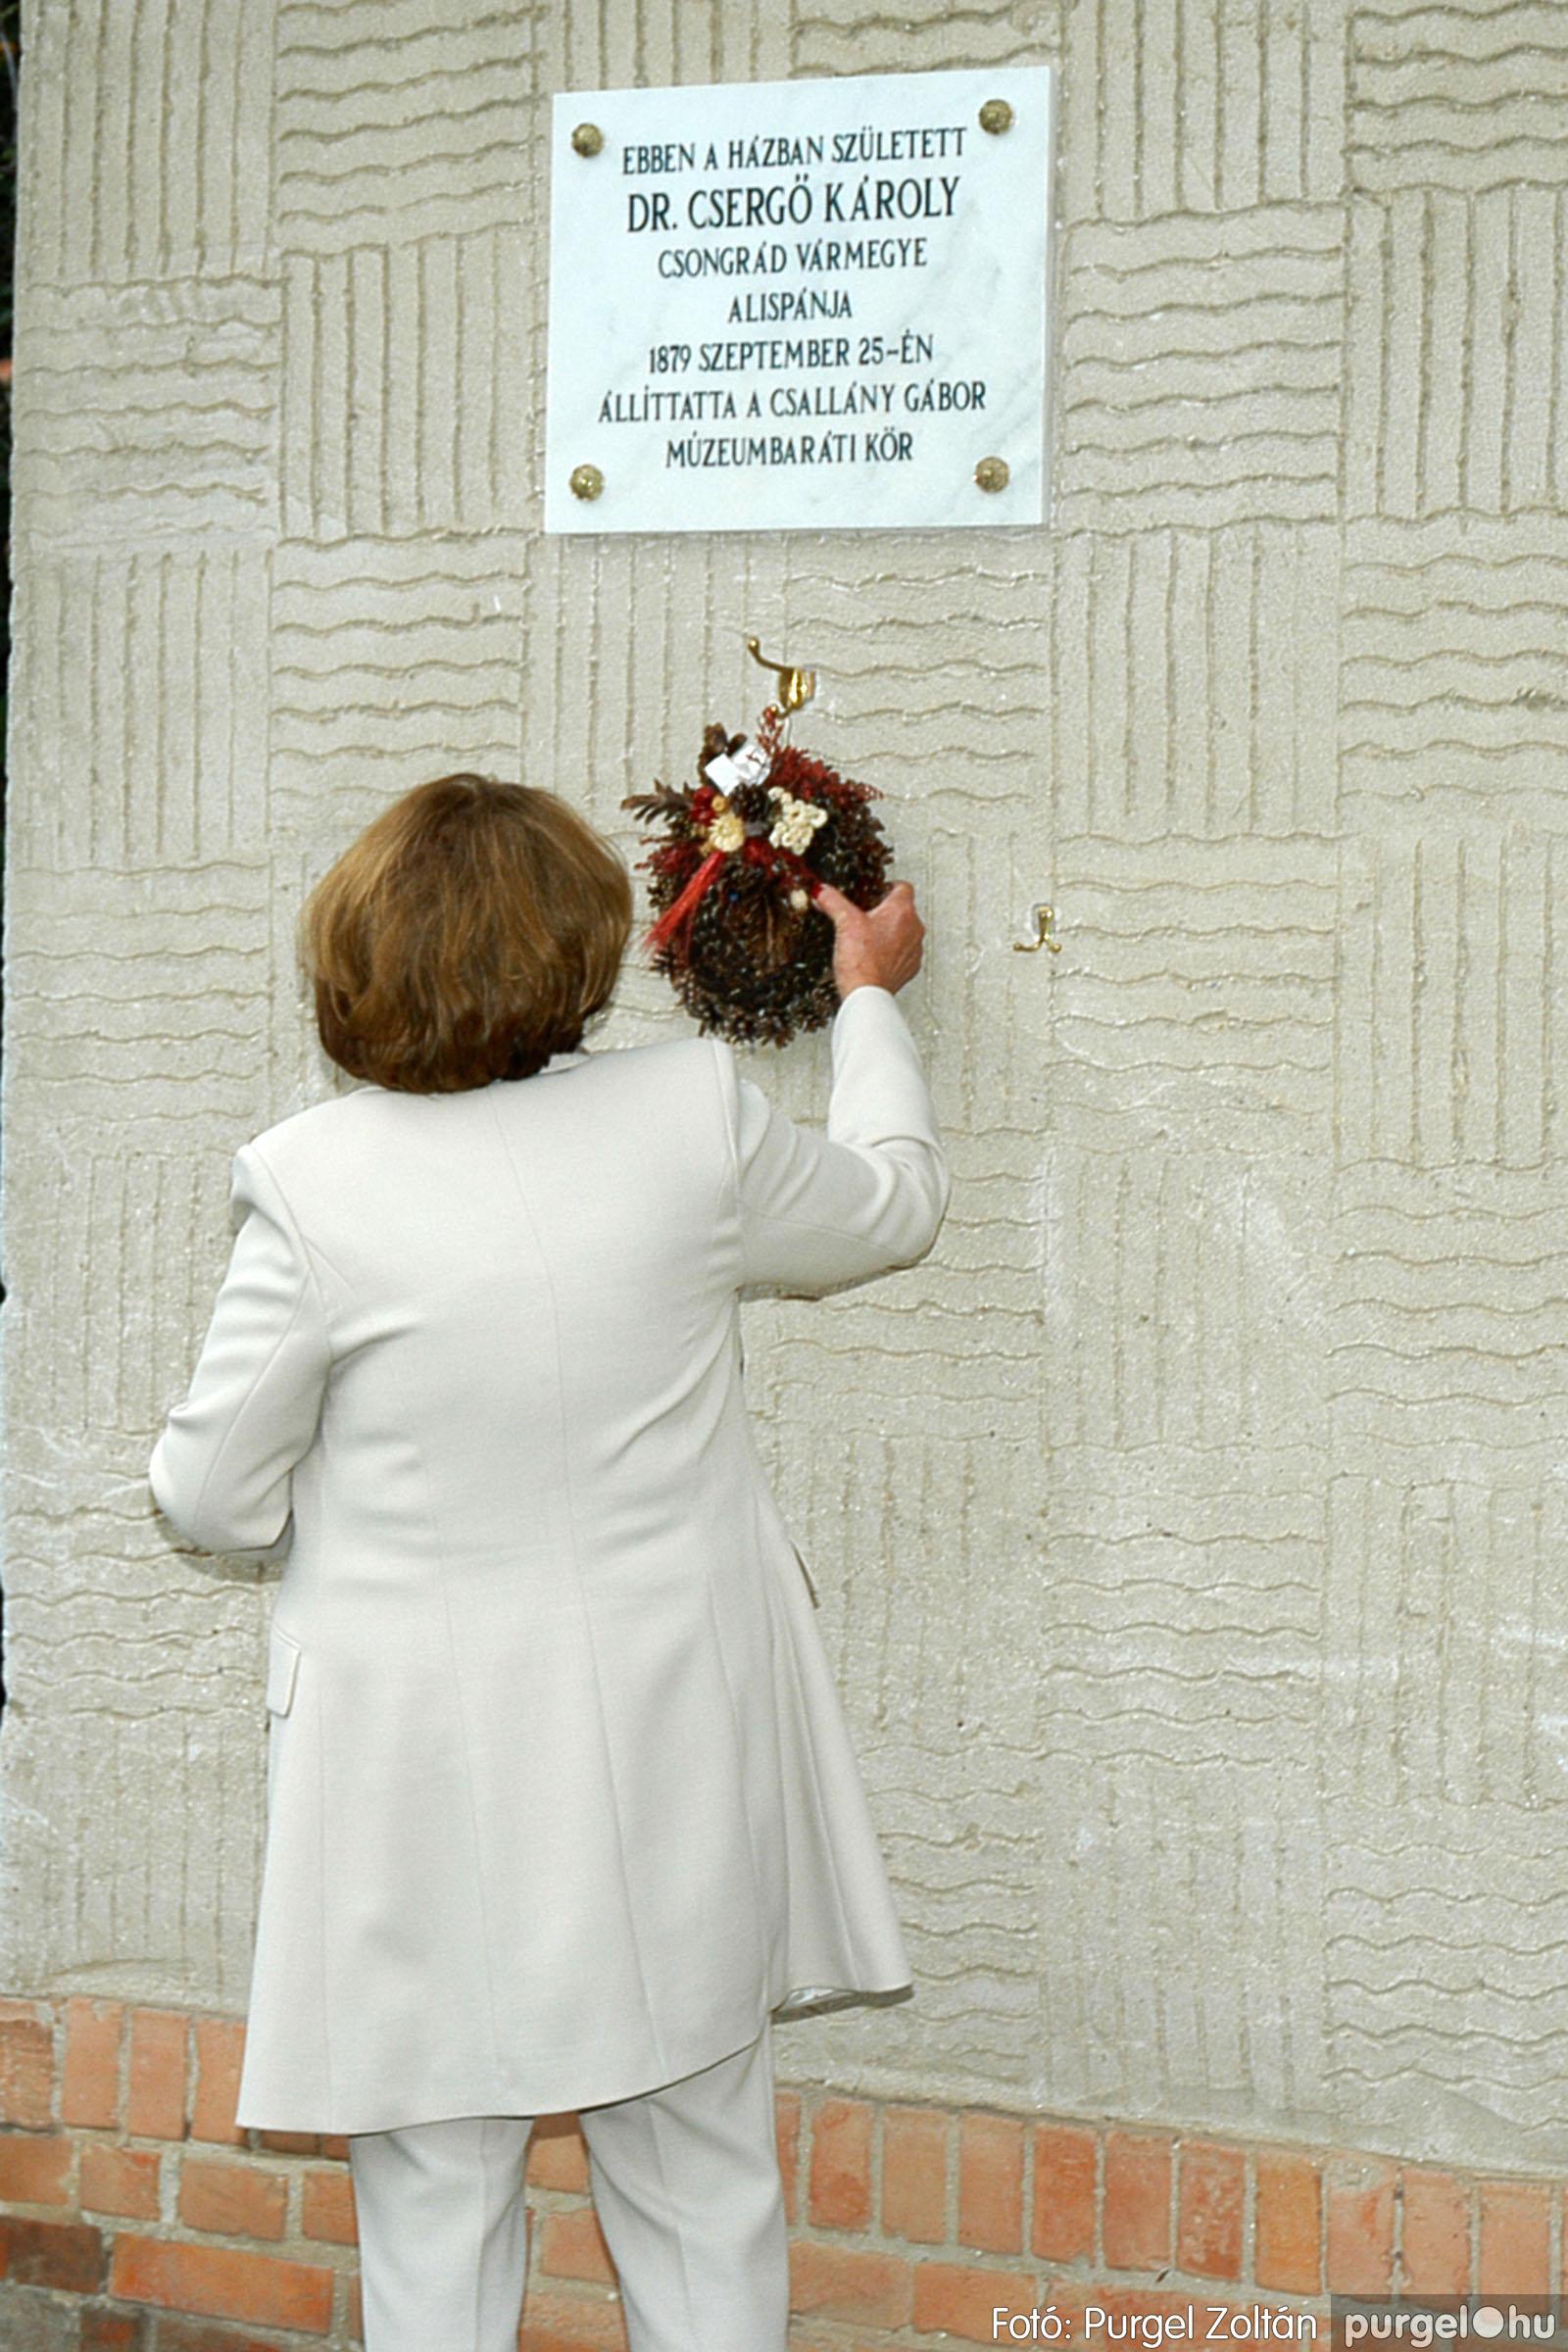 2004.09.25. 007 Dr. Csergő Károly alispán és kora című kiállítás és emléktábla avatás - Fotó:P. Z.©.jpg